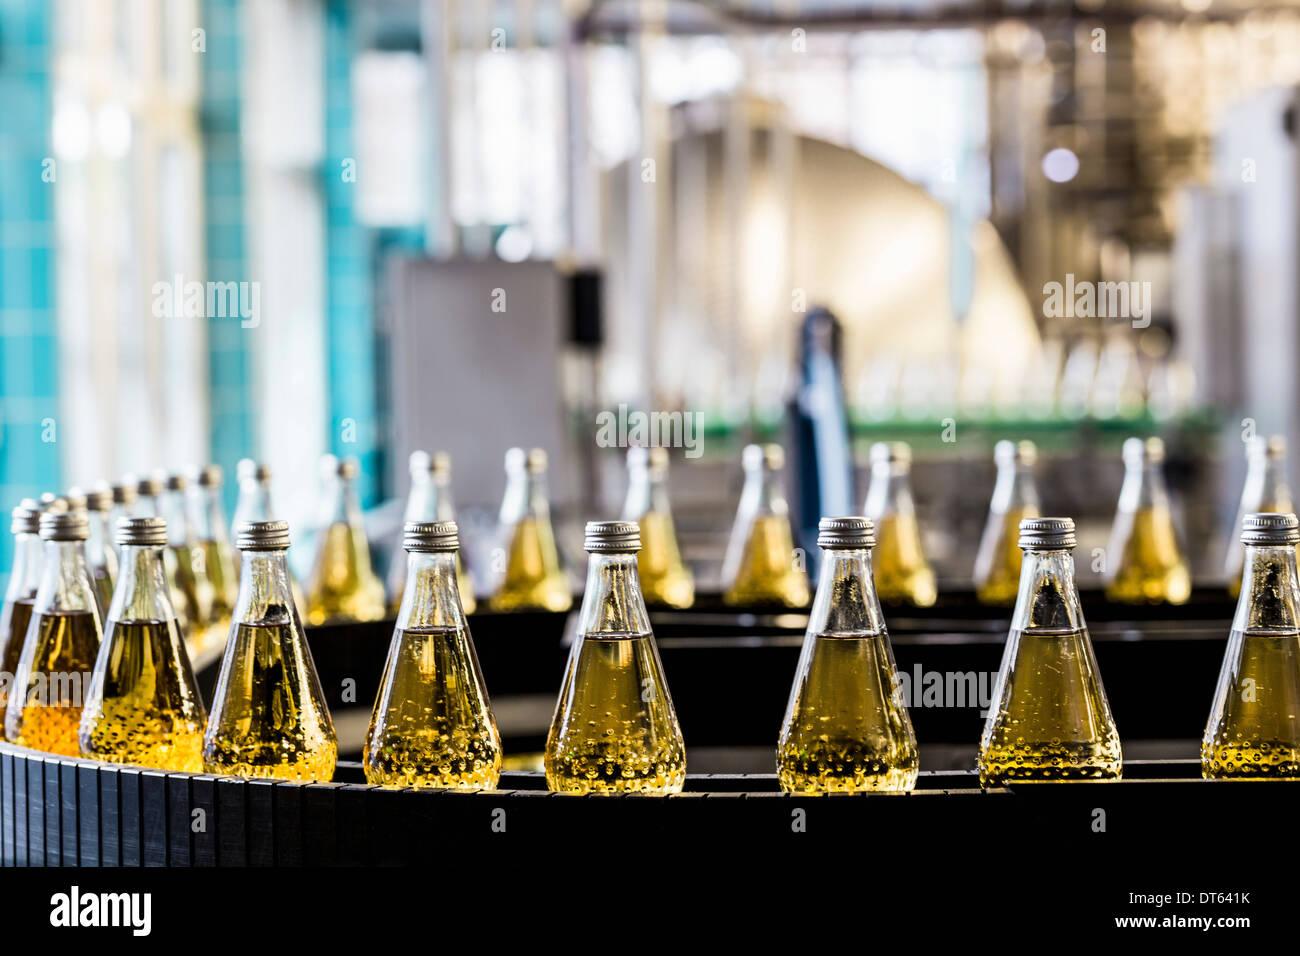 Bottles on conveyor belt in bottling plant - Stock Image